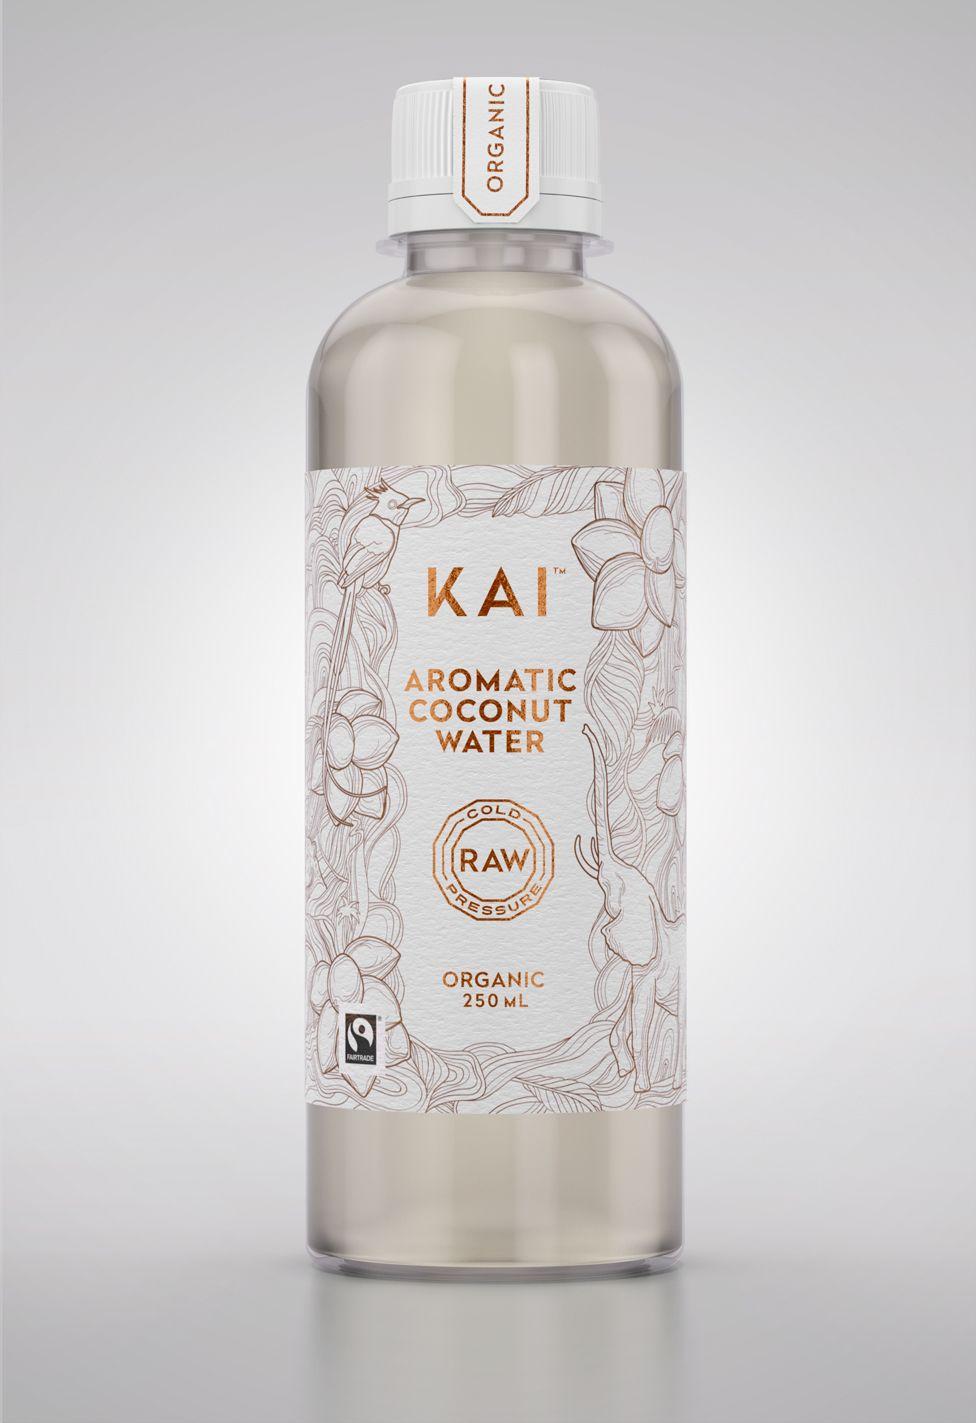 KAI King Coconut Water Mike Amundse